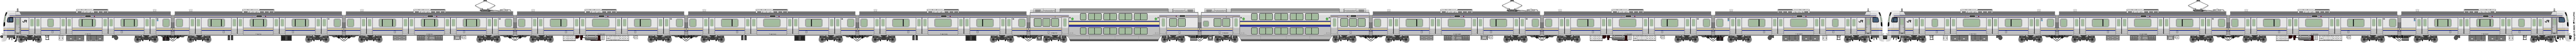 [5017] 東日本旅客鉄道 5017